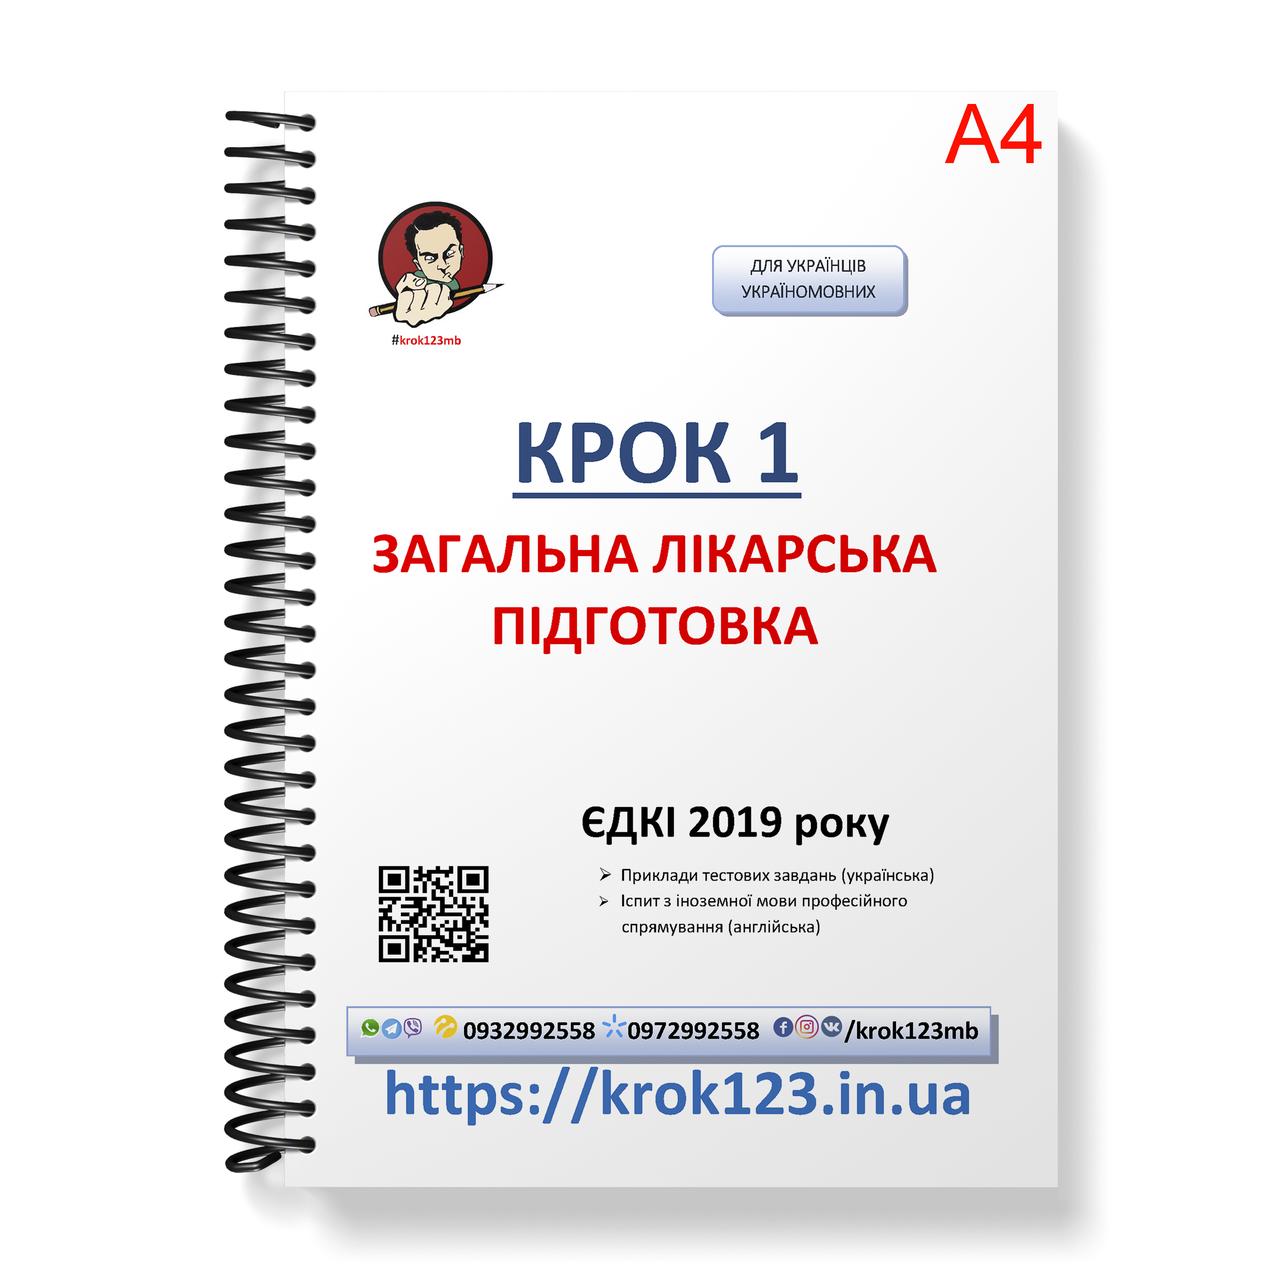 Крок 1. Медицина. ЕГКЭ (Примеры тестовых заданий) 2019. Для украинцев украиноязычных. Формат А4